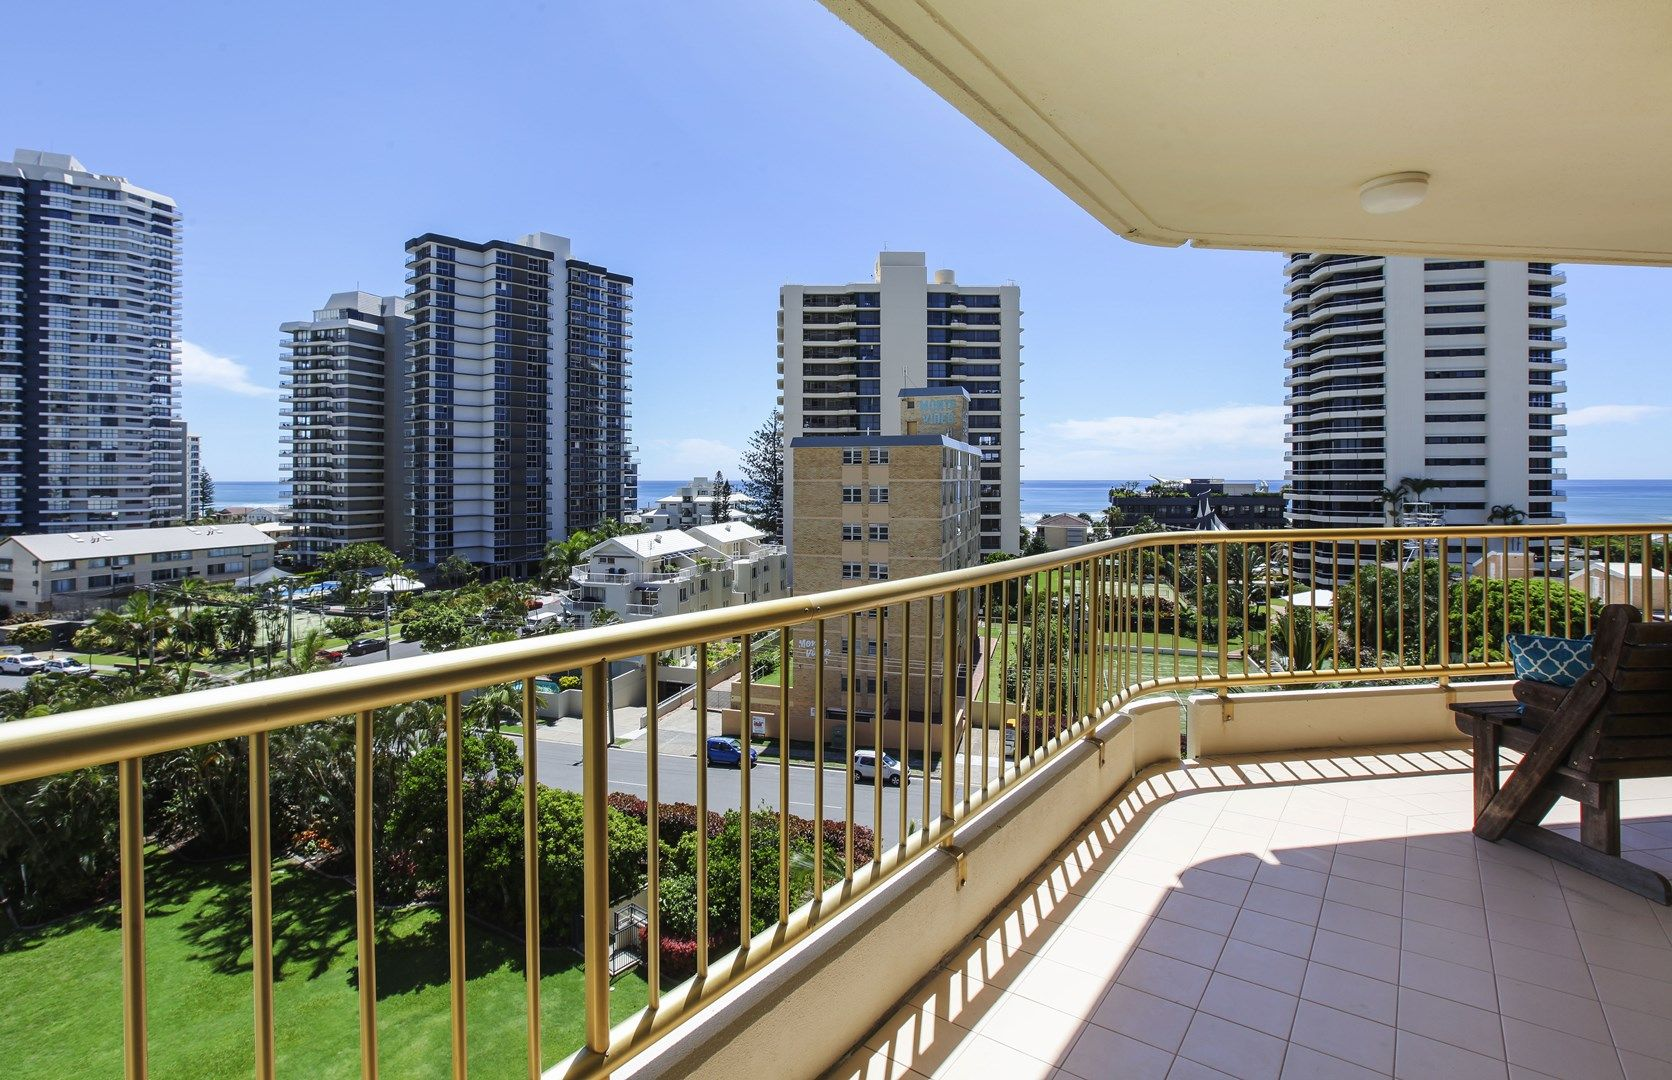 73/1 Serisier Avenue, Main Beach QLD 4217, Image 0